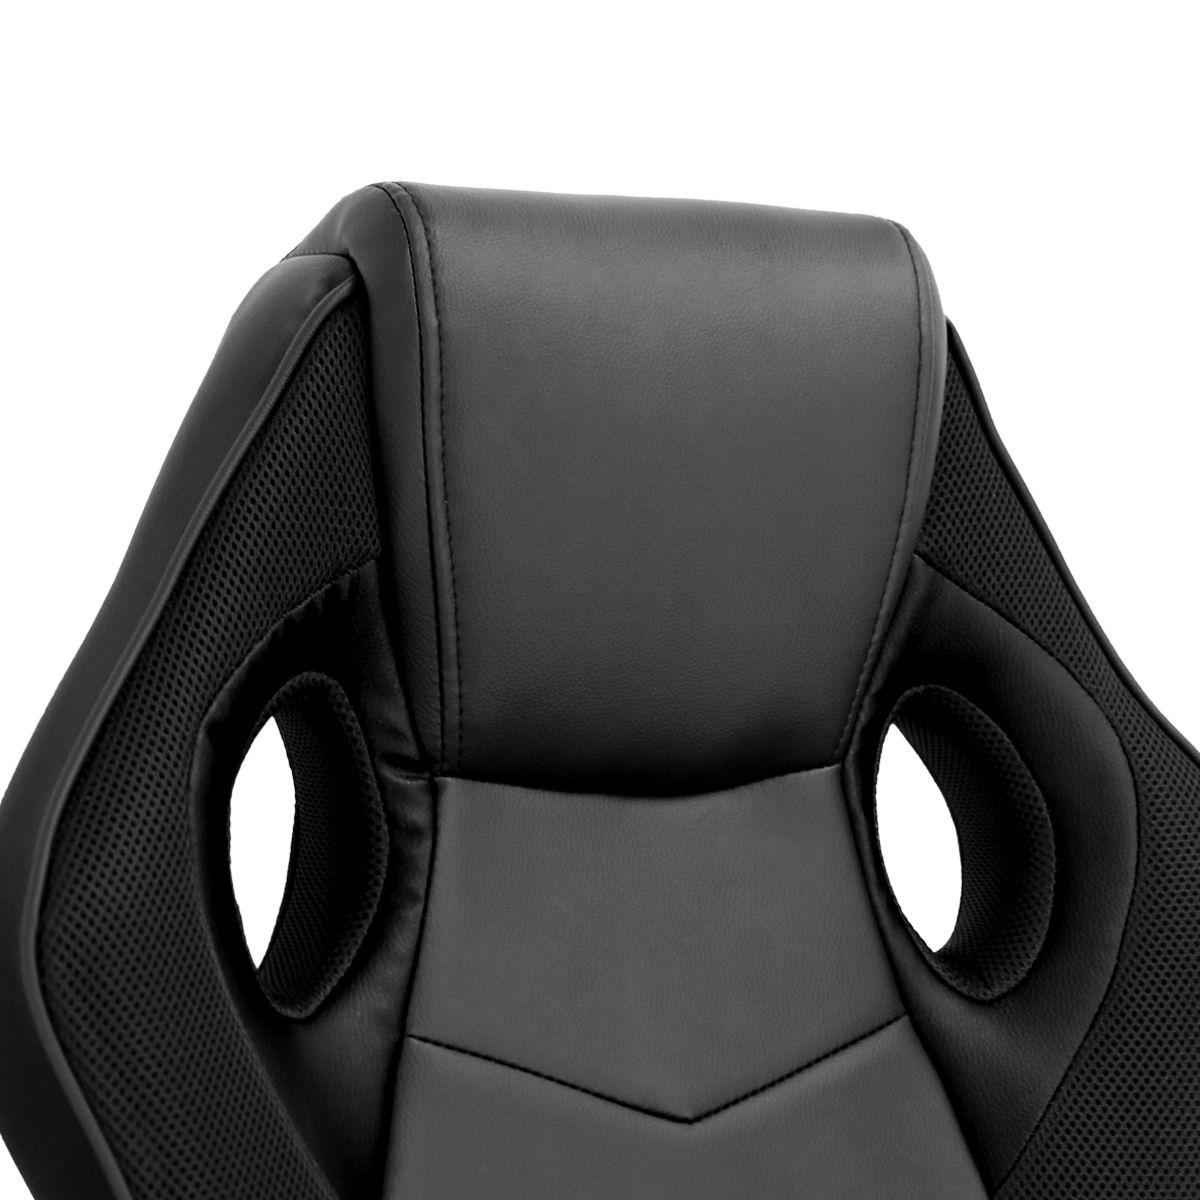 miniatura 26 - Sedia Poltrona da Gaming per Ufficio reclinabile Imbottita ergonomica GTX RTX